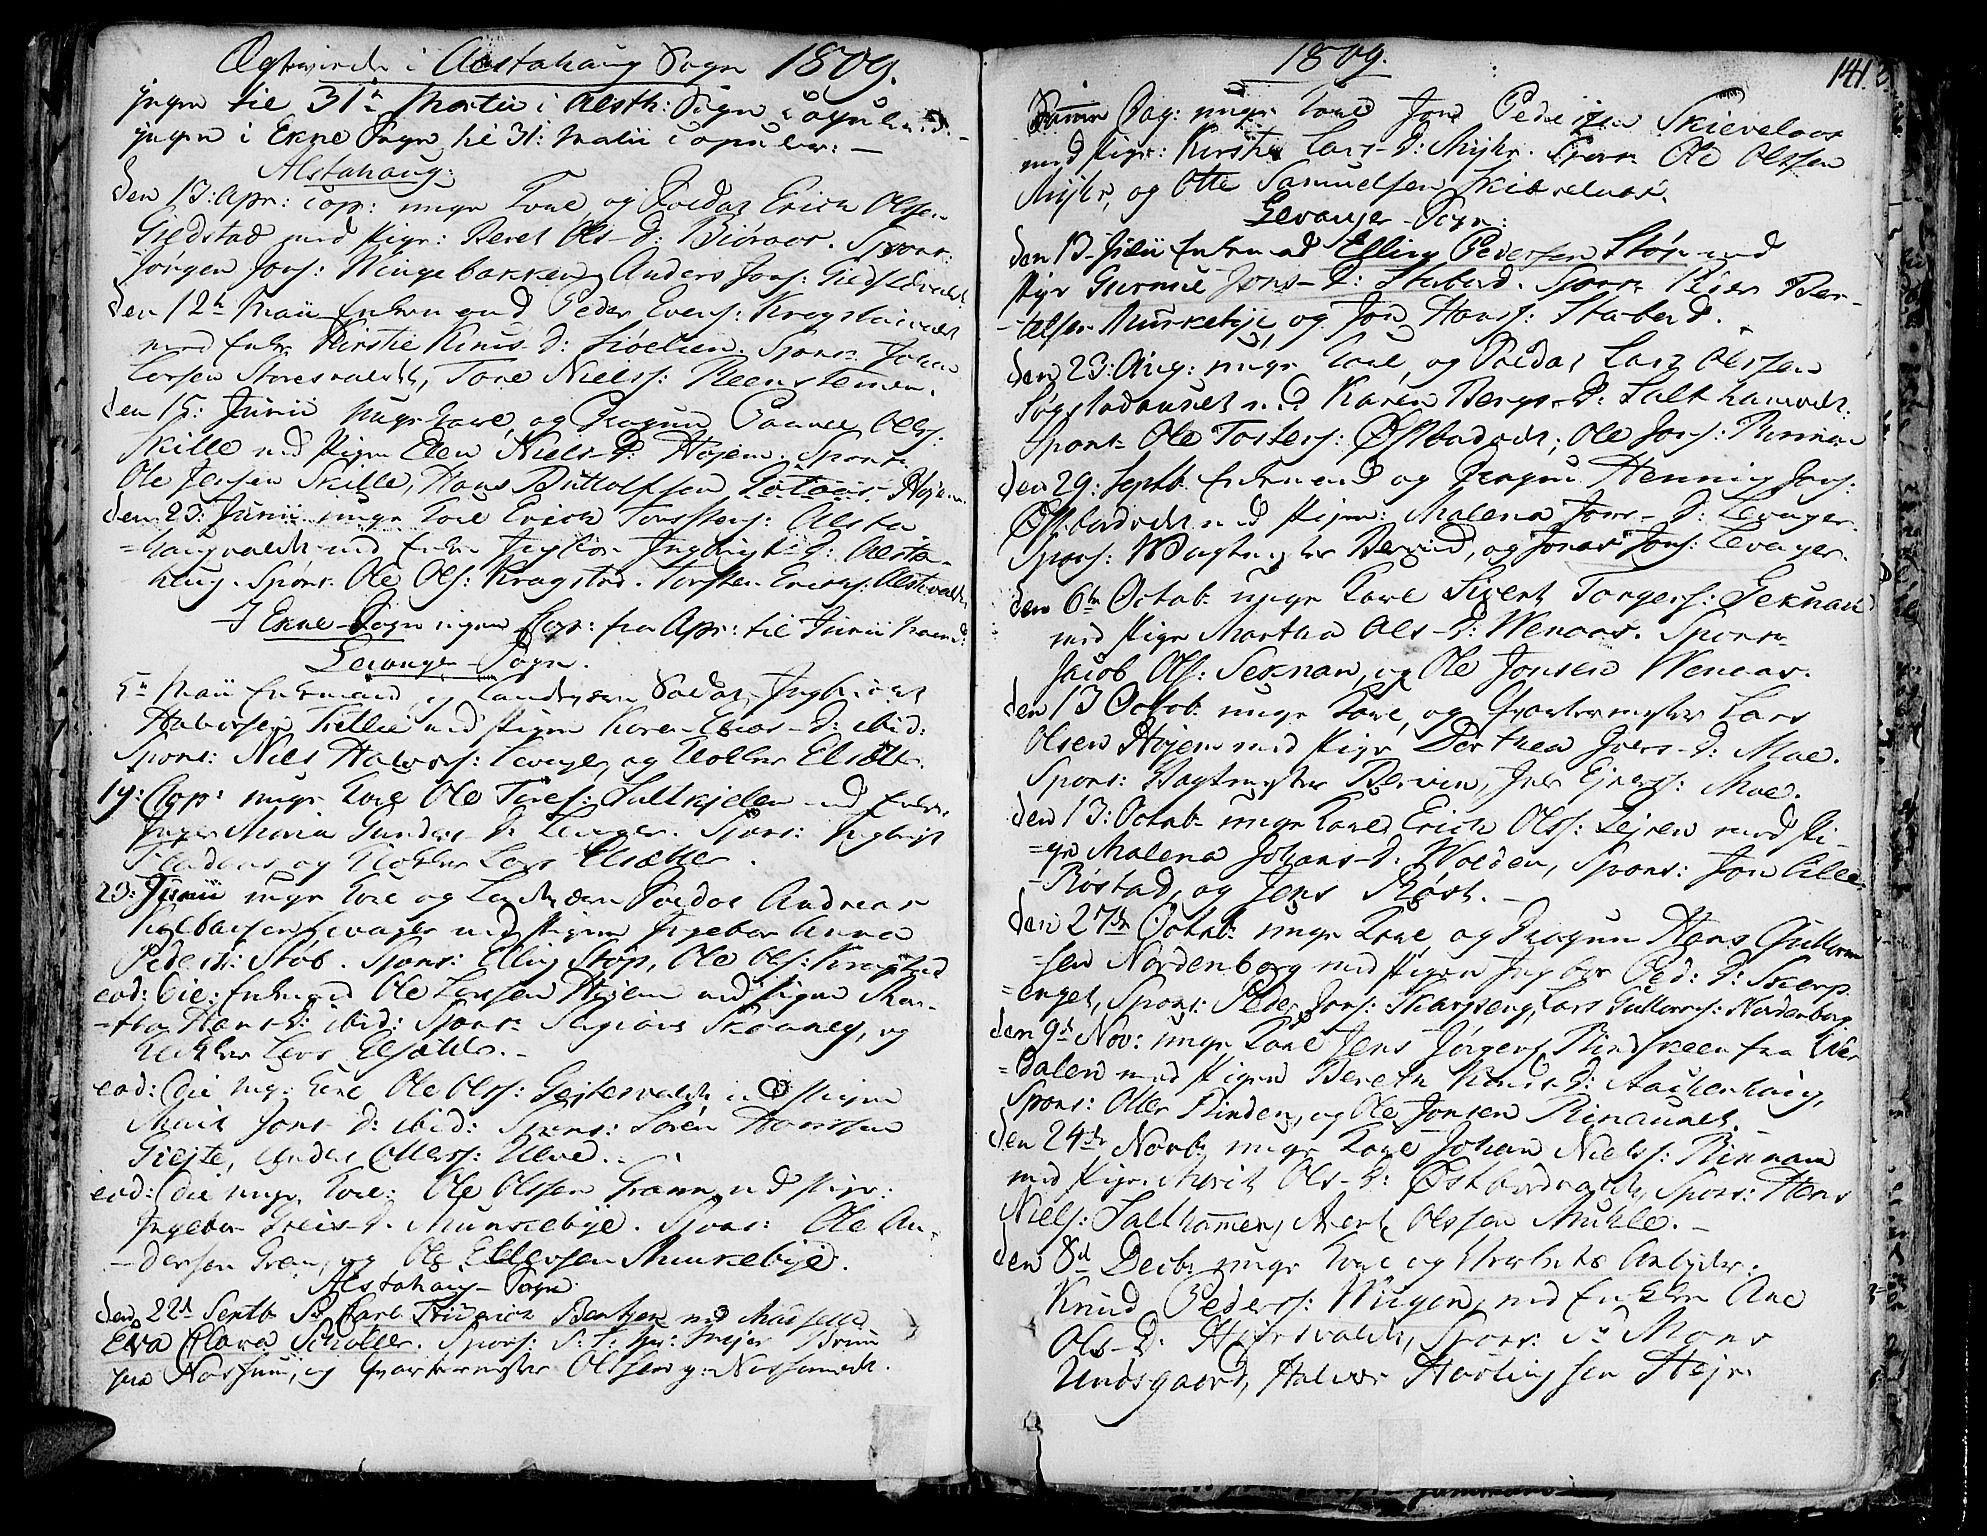 SAT, Ministerialprotokoller, klokkerbøker og fødselsregistre - Nord-Trøndelag, 717/L0142: Ministerialbok nr. 717A02 /1, 1783-1809, s. 141